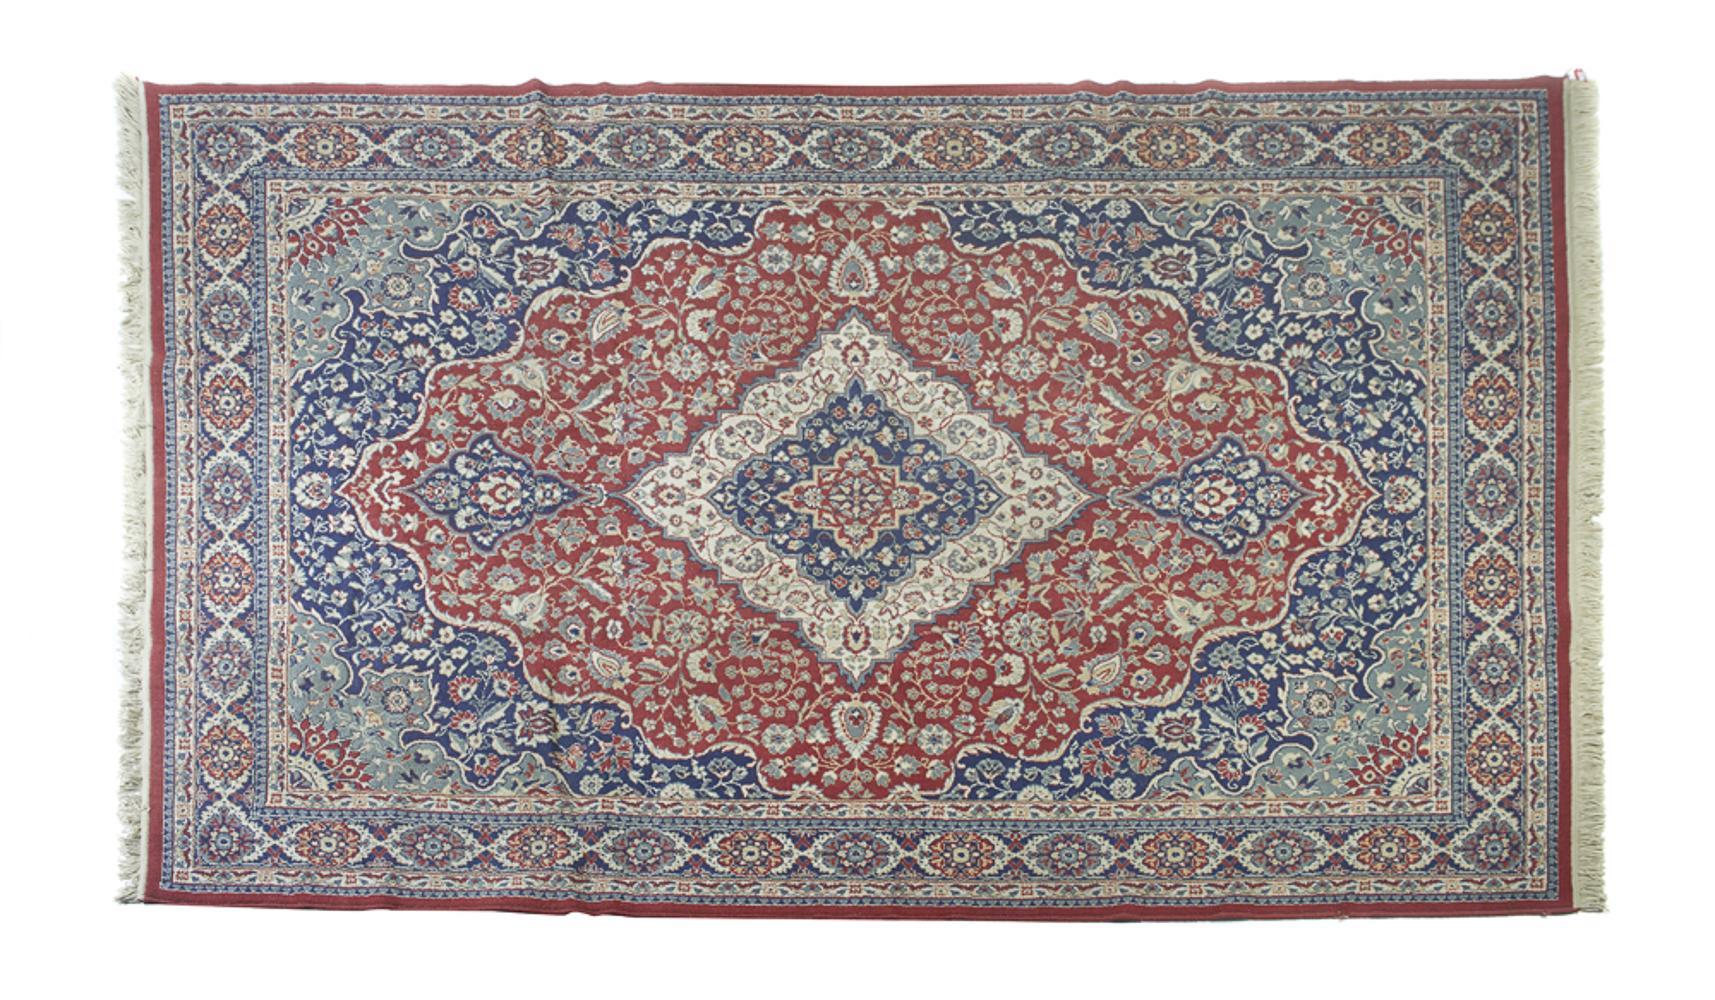 Oriental wool rug, 330 x 240 cm